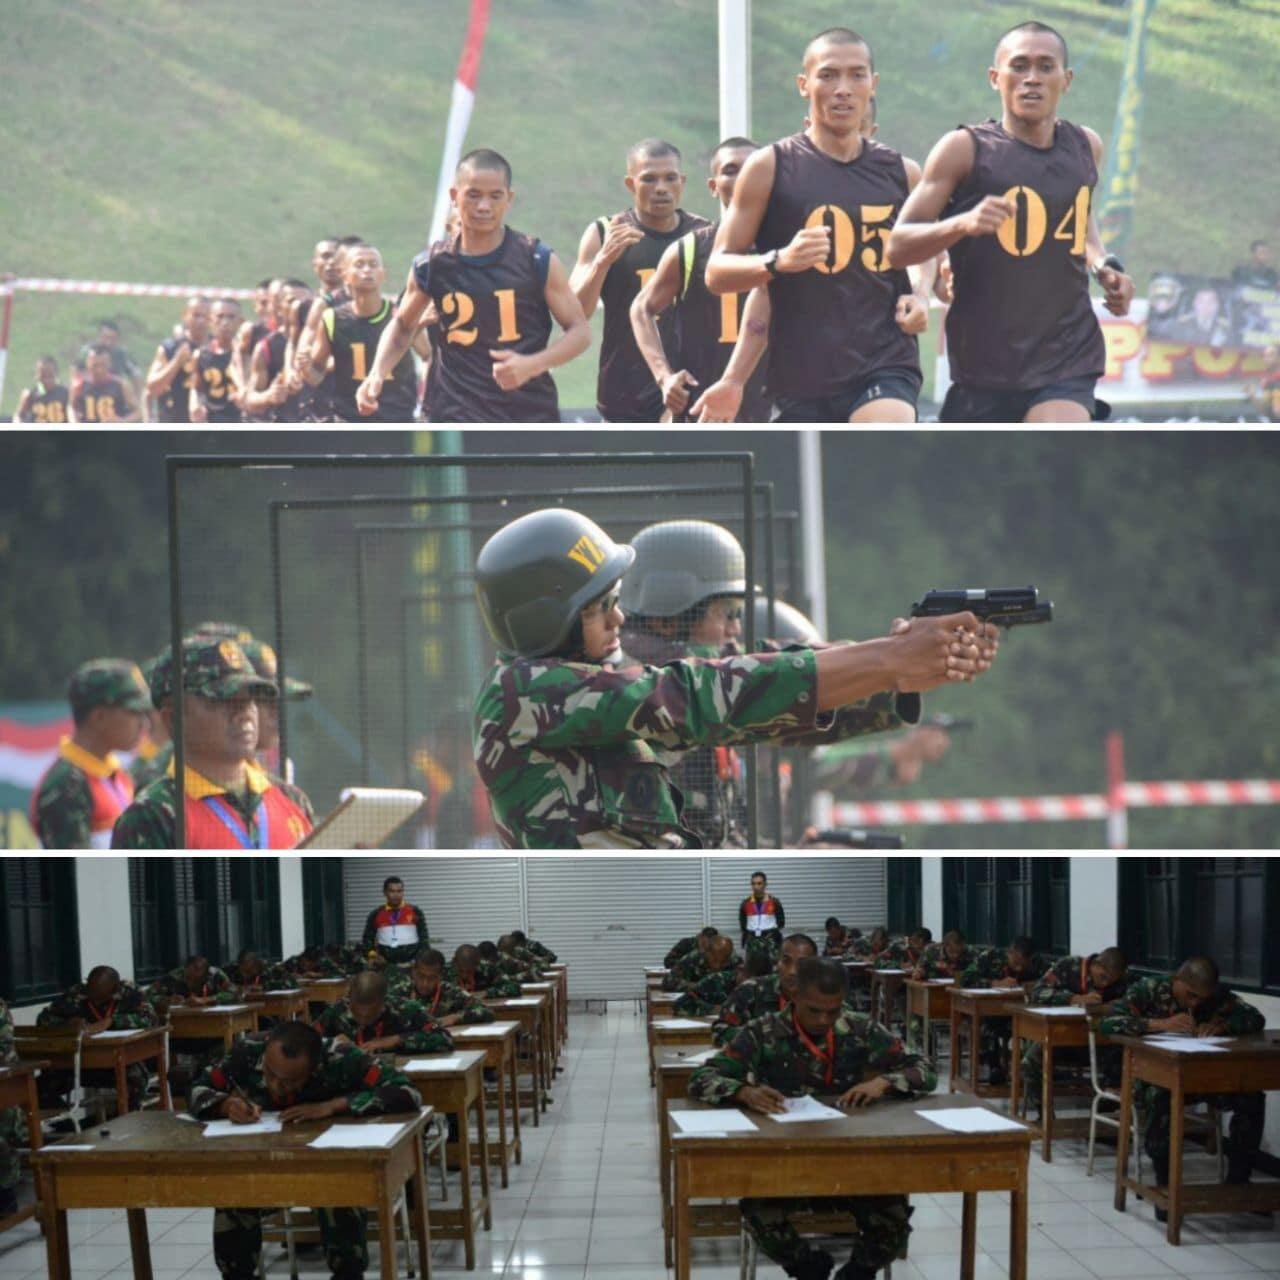 Hari Kedua, Ton Tangkas Gelar Garjas A, Menembak Pistol dan Teori Ilmed